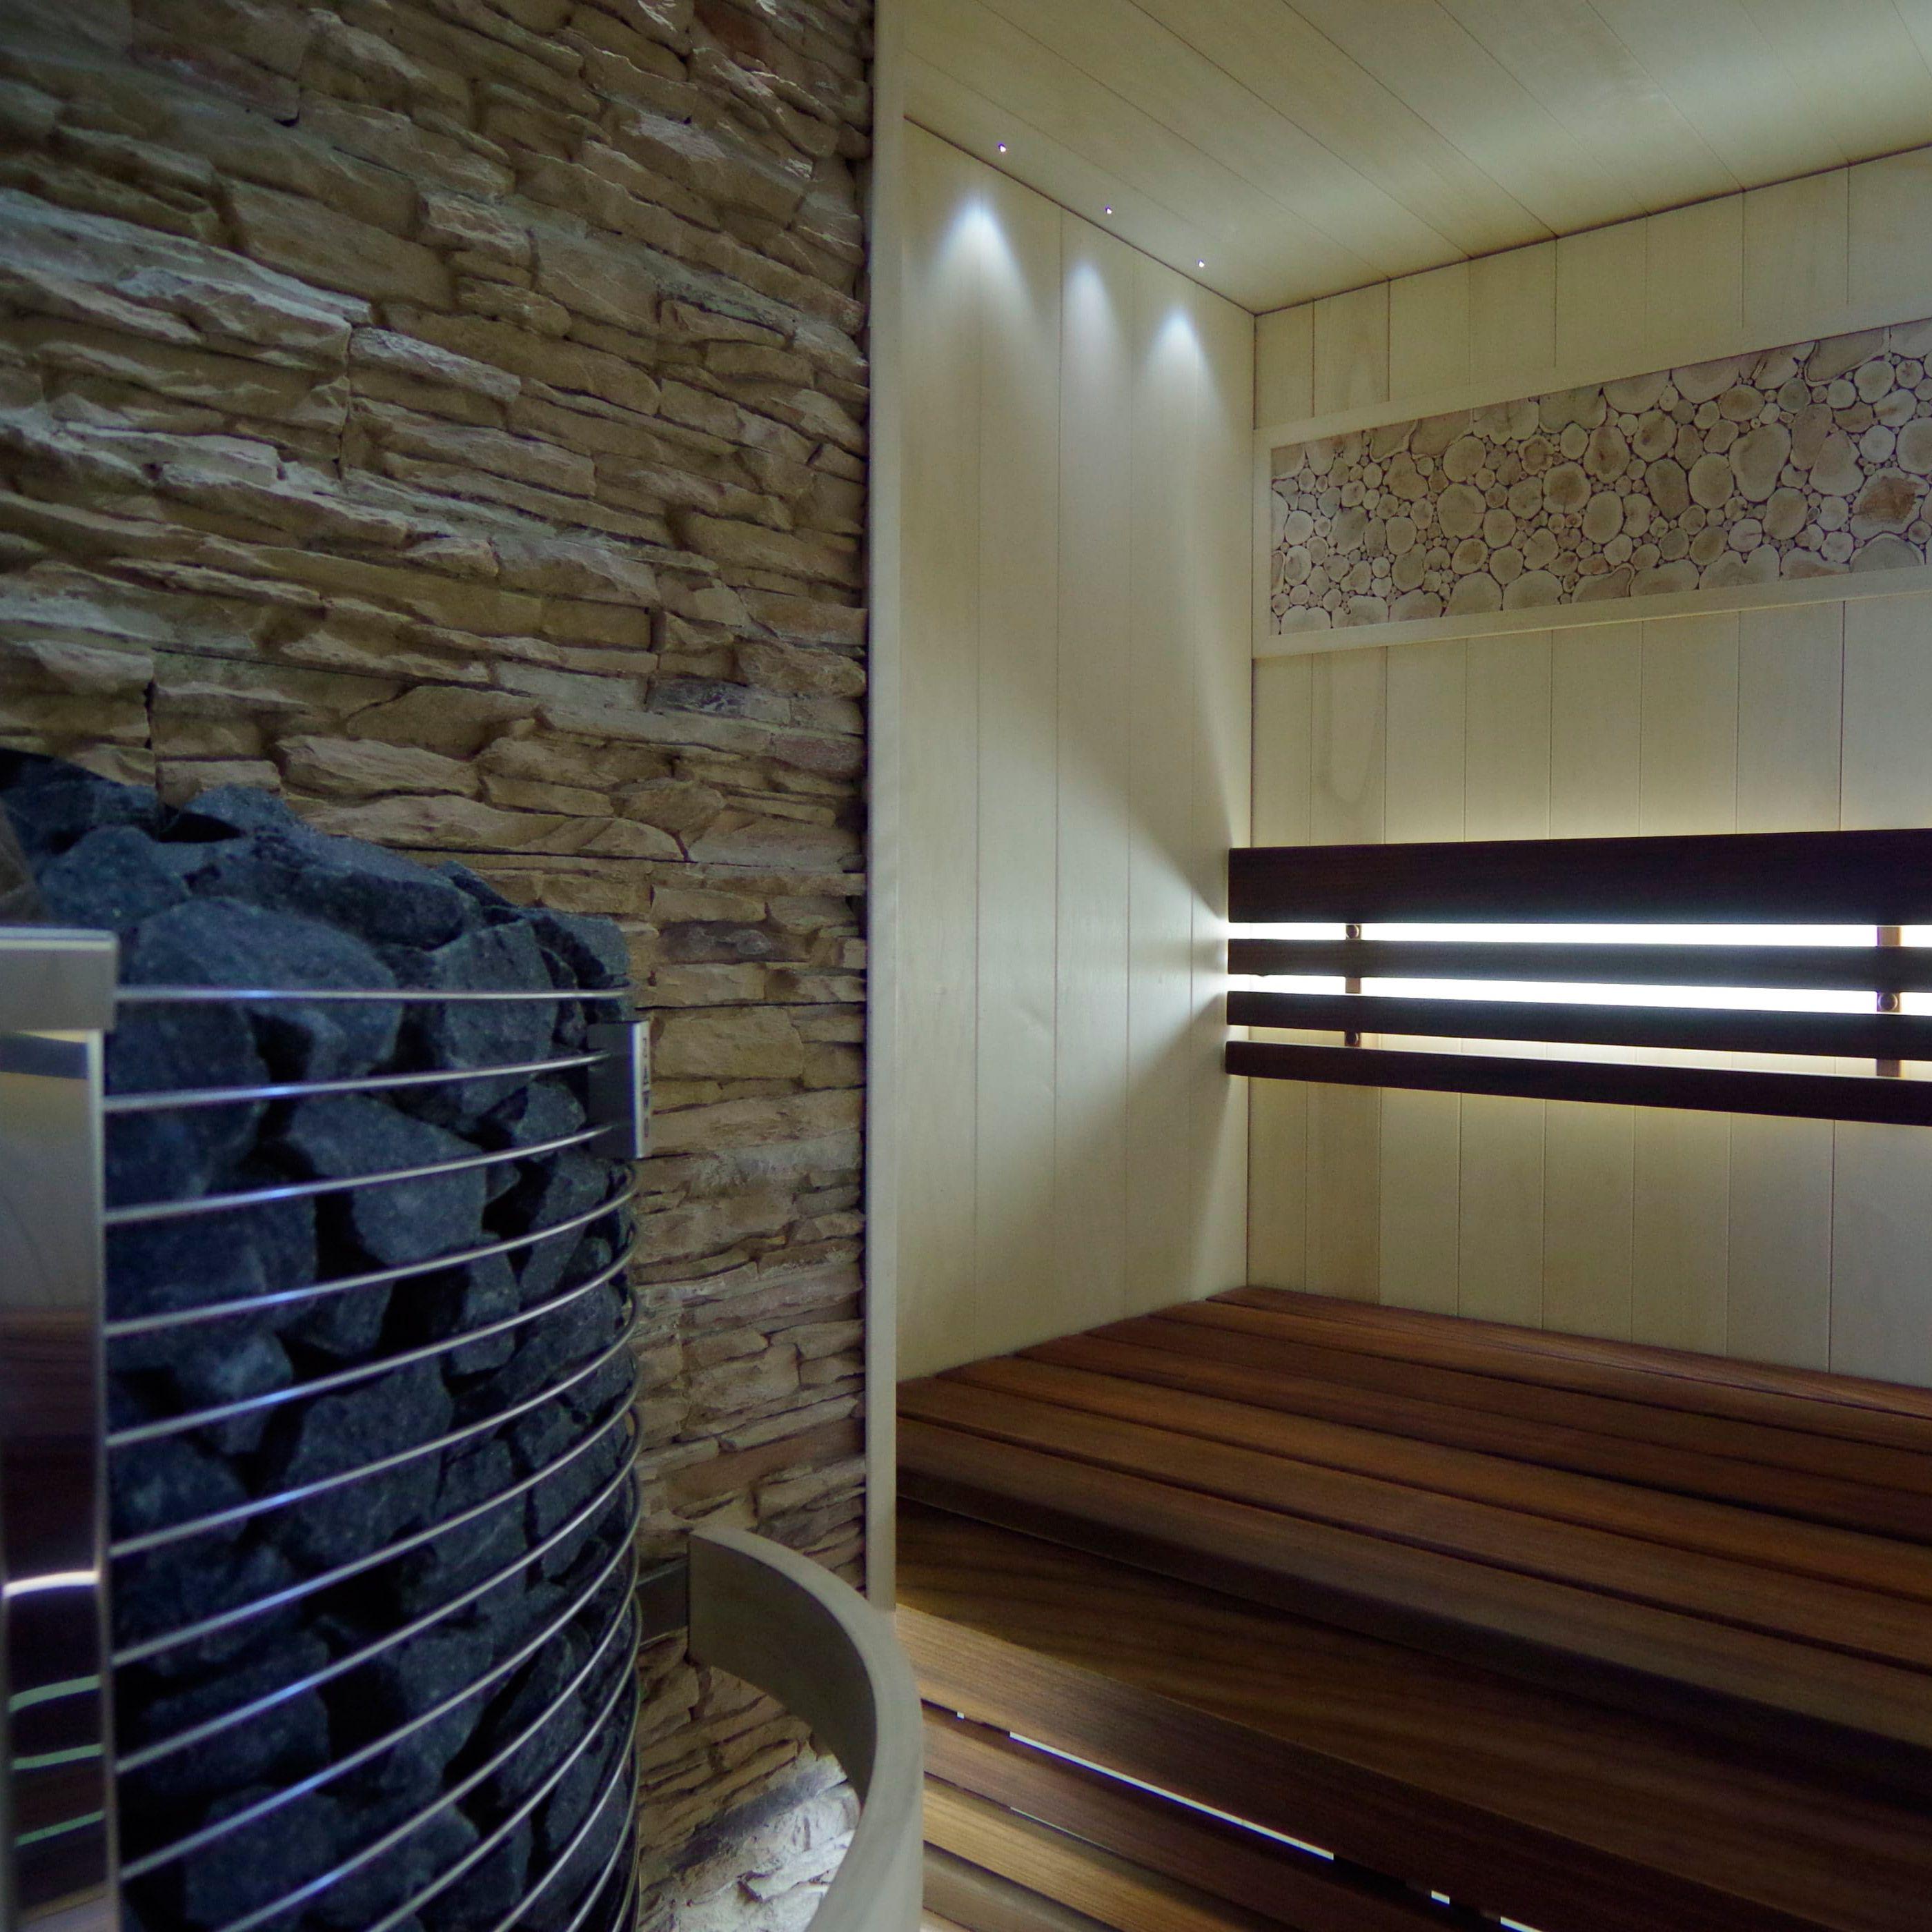 espe profilholz 15x125 7 82 g nstig bei. Black Bedroom Furniture Sets. Home Design Ideas